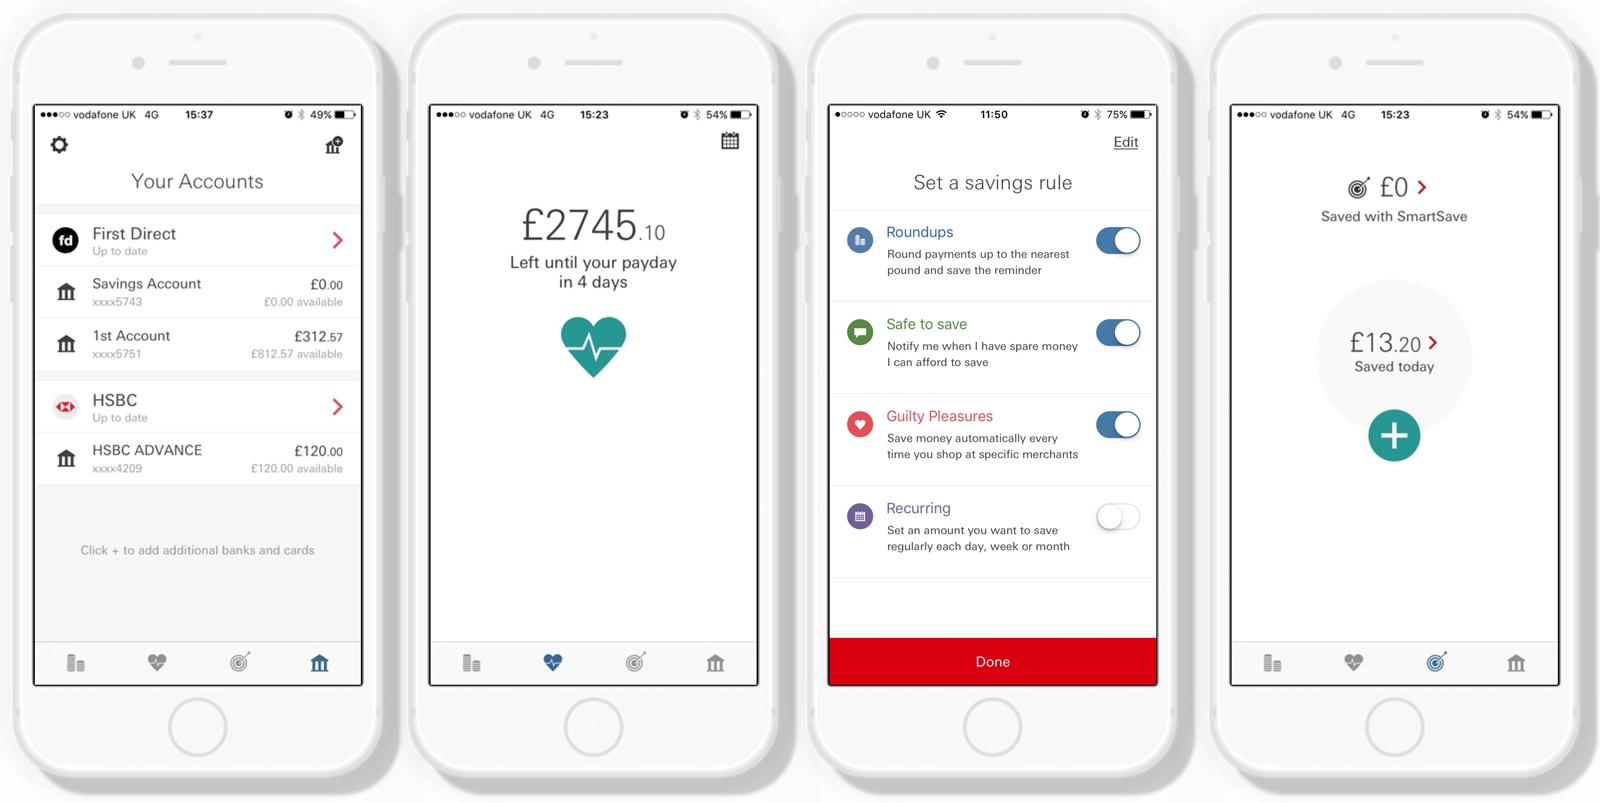 Security Bank Online App